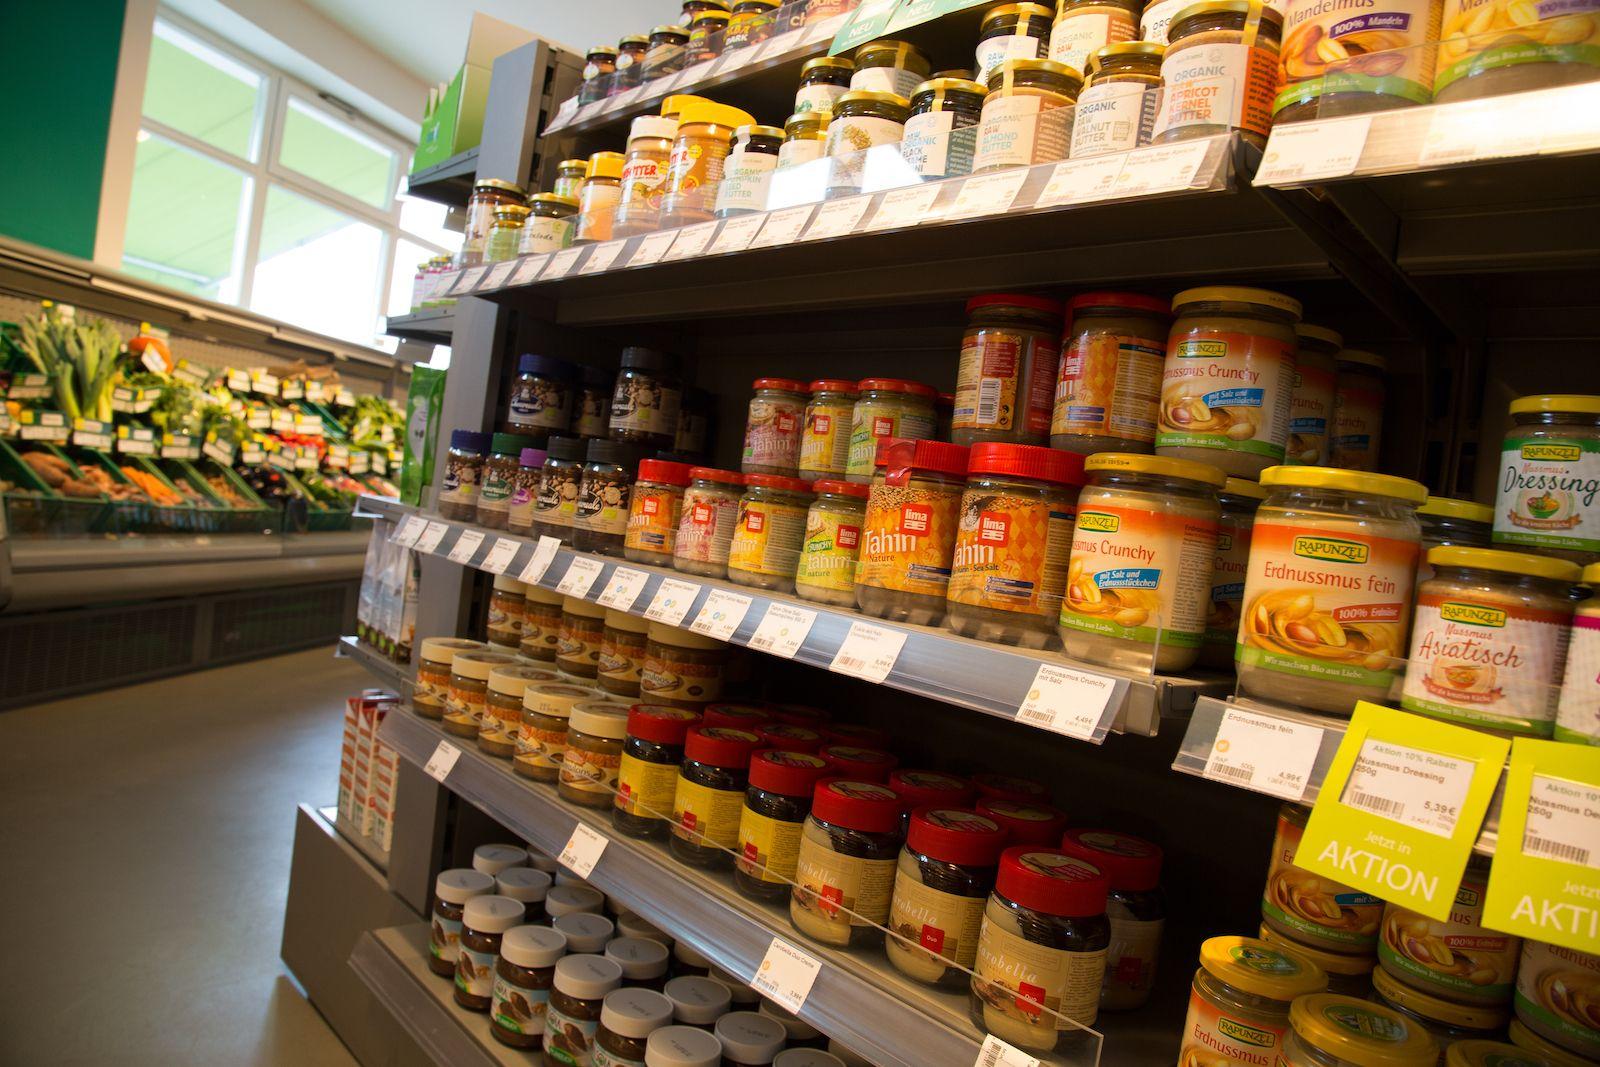 Srovnání vegetariánské nabídky českých supermarketů. Nejlépe si vede Globus, v Penny není ani základ